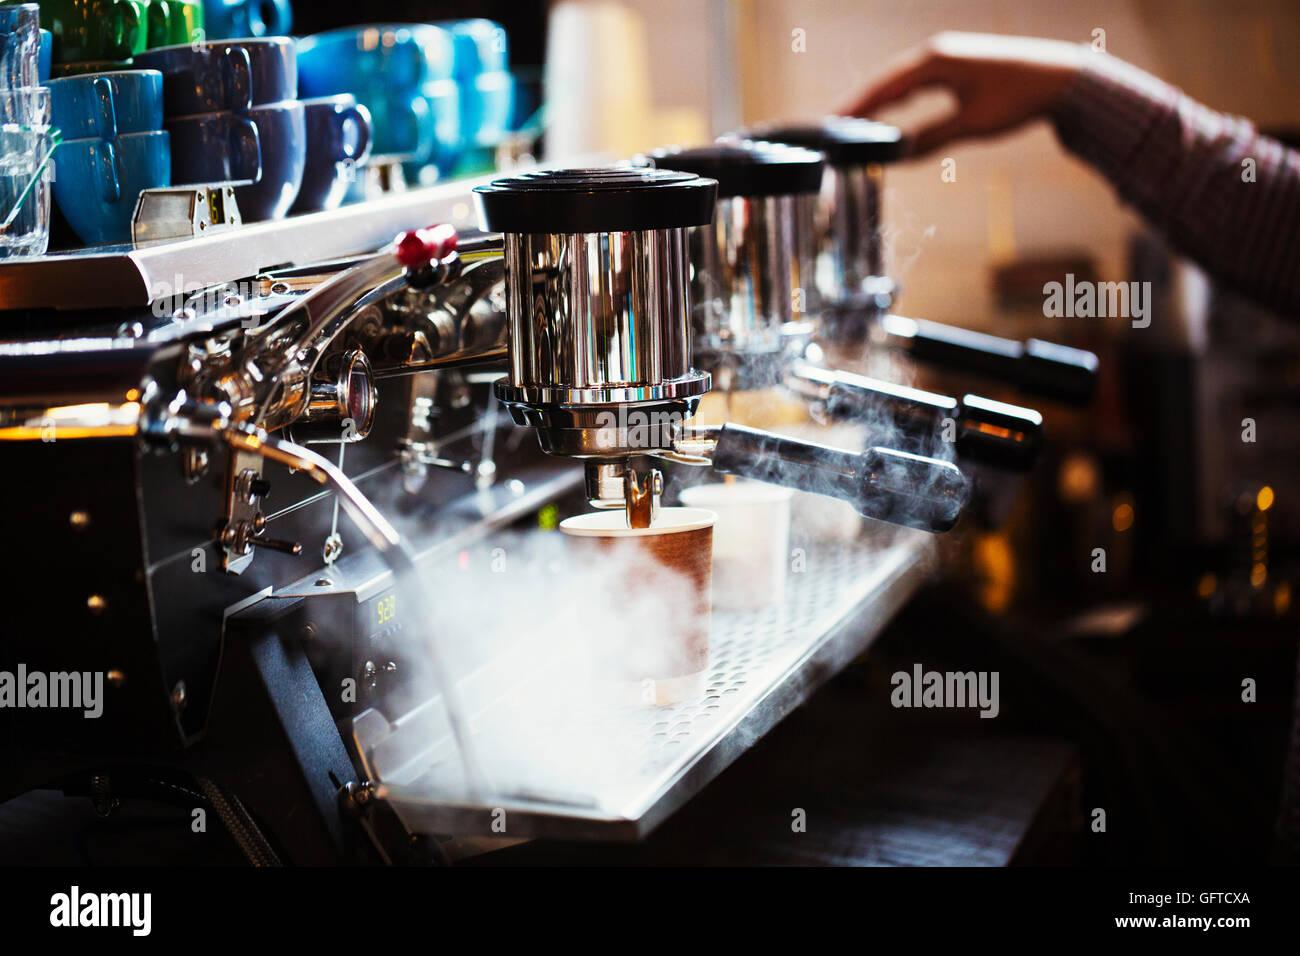 Una persona che lavora presso una grande macchina da caffè con tre contenitori di percolazione maniglie e una Immagini Stock